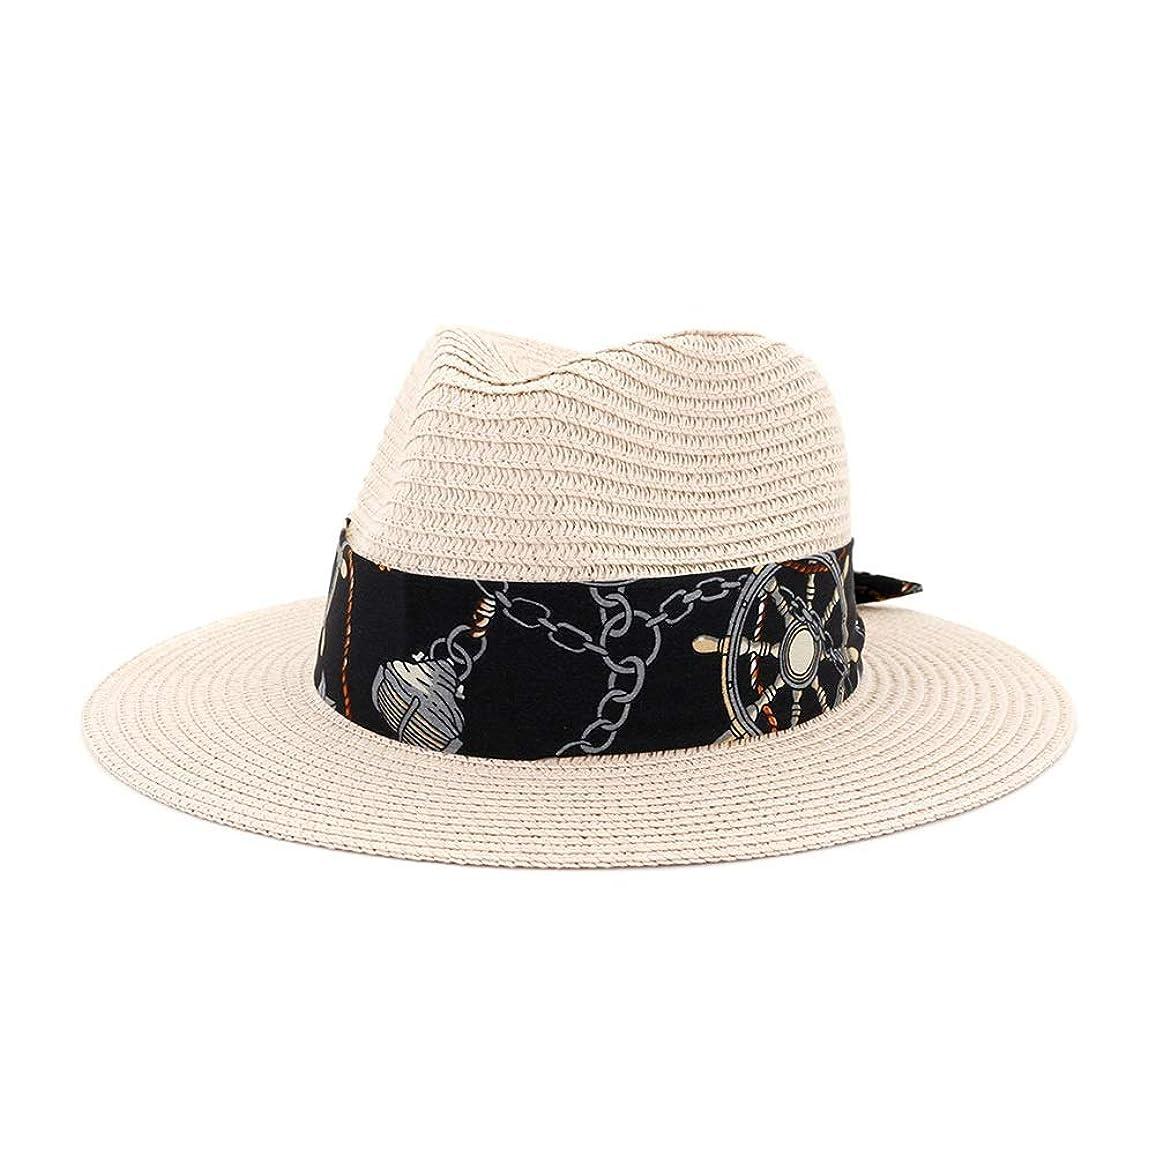 スロープイースター言語学RONGLINGXING 2019 ファッション 男性と女性の夏用ストローワイドブリムビーチパナマサンハット中空メッシュスネーク (色 : クリーム, サイズ : 56-58CM)